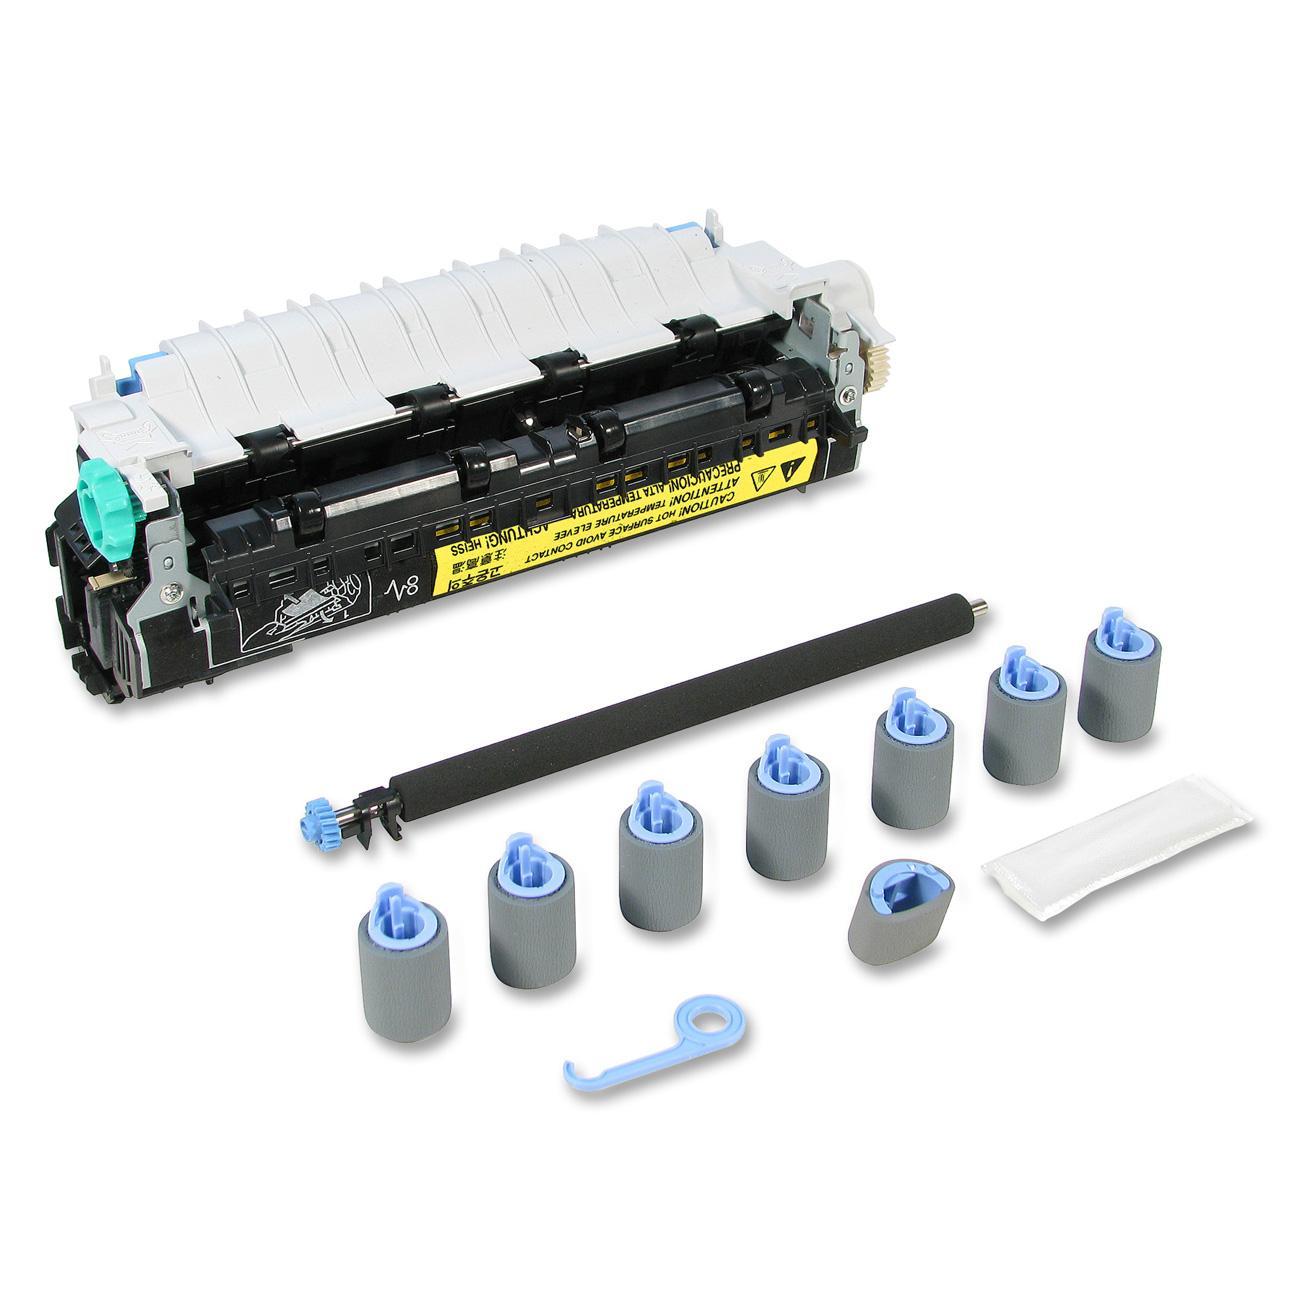 Image1, DPIQ542167903RF, Q542167903RF Maintenance Kit, 1 Kit